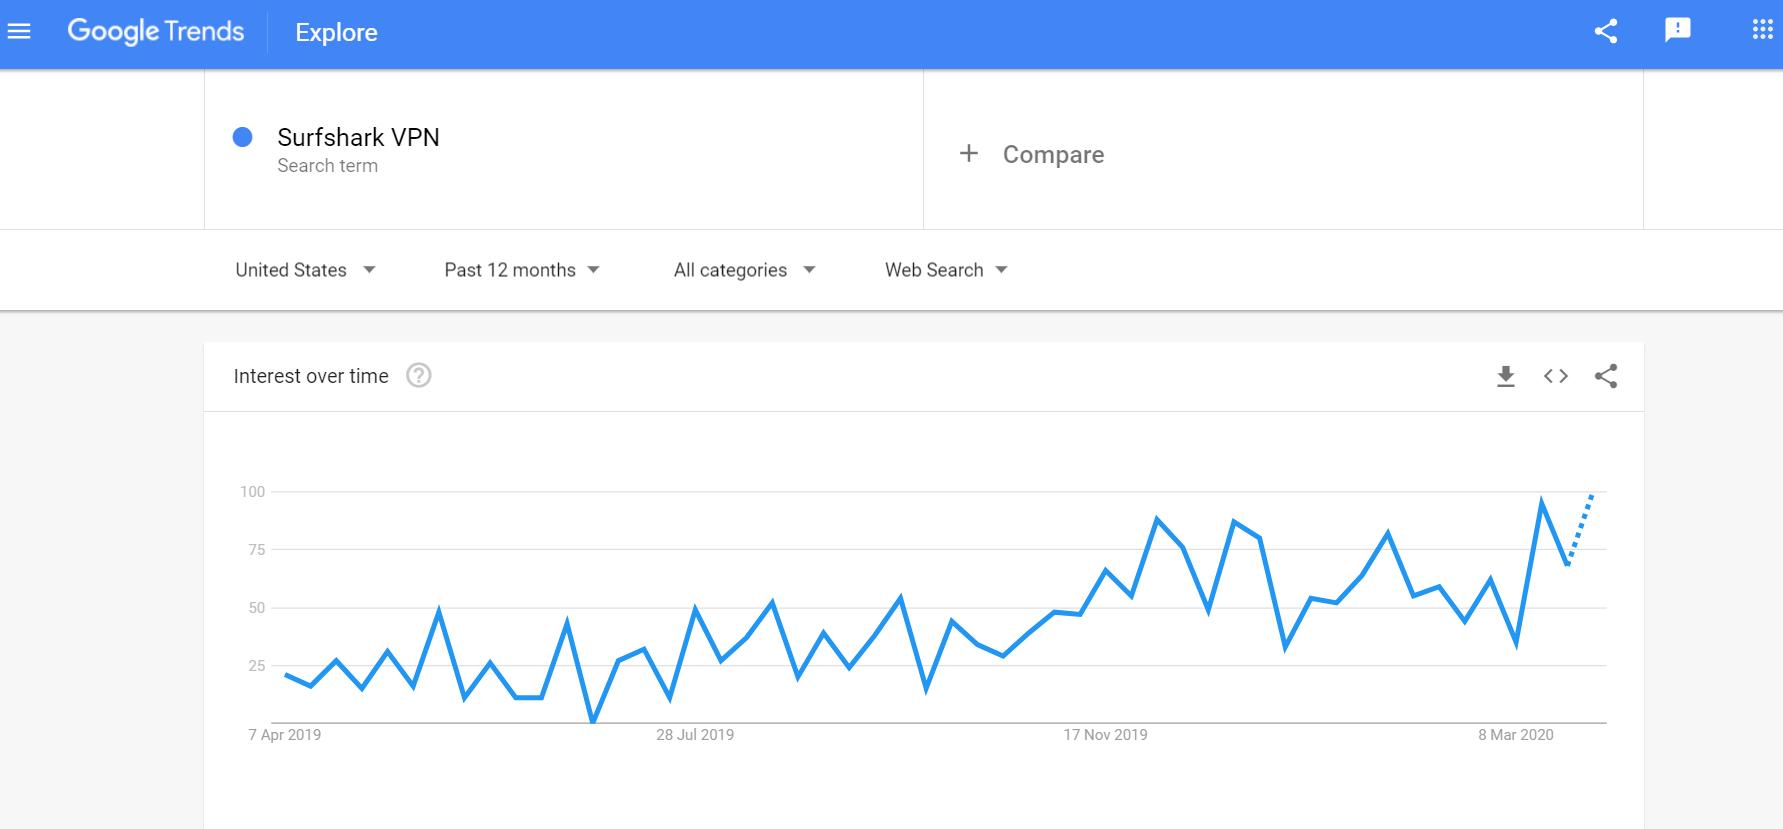 SurfShark VPN Google Trends